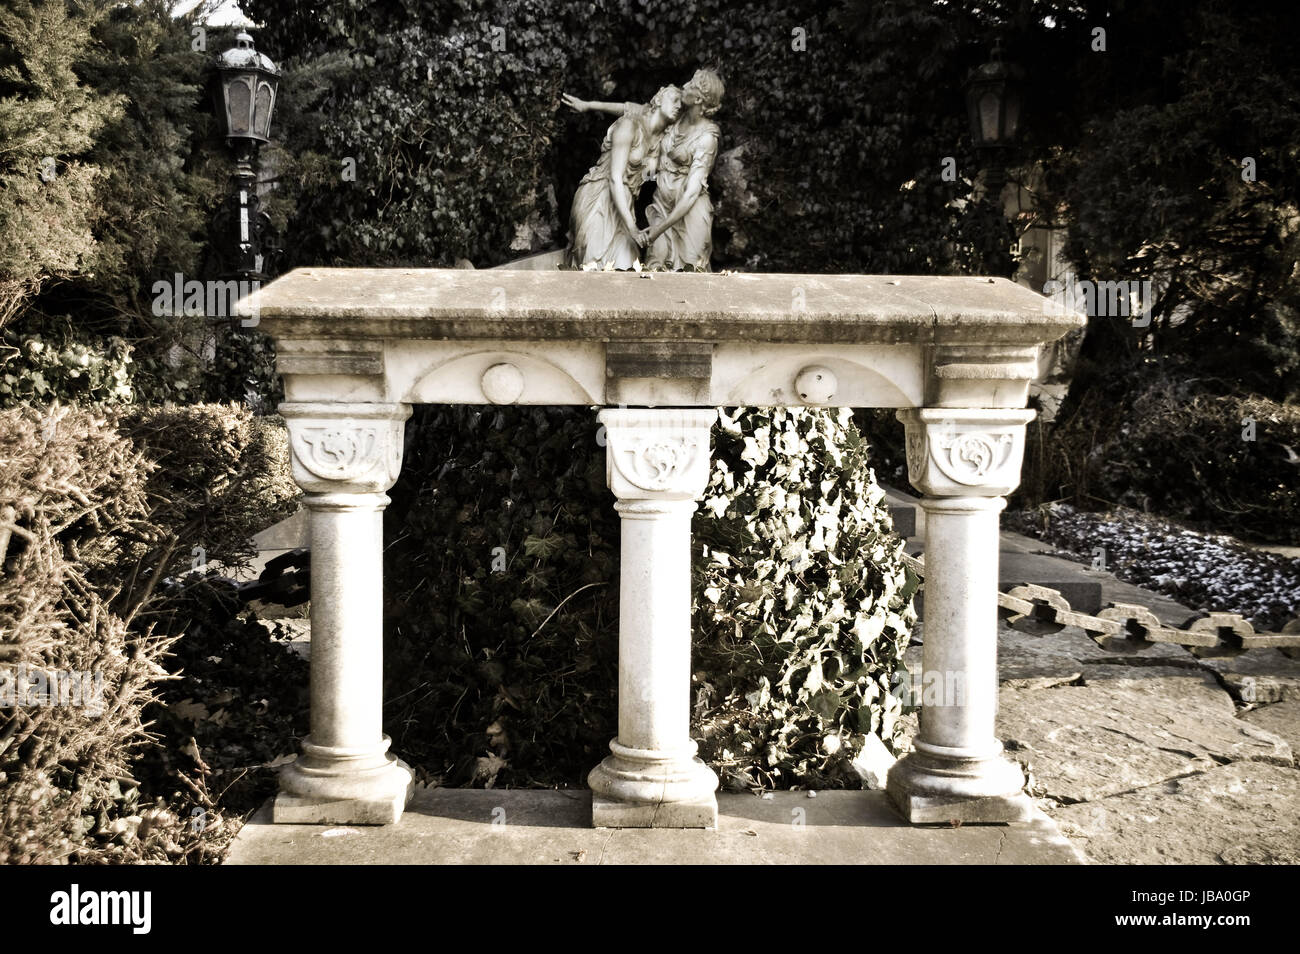 mourning sorrow - Stock Image